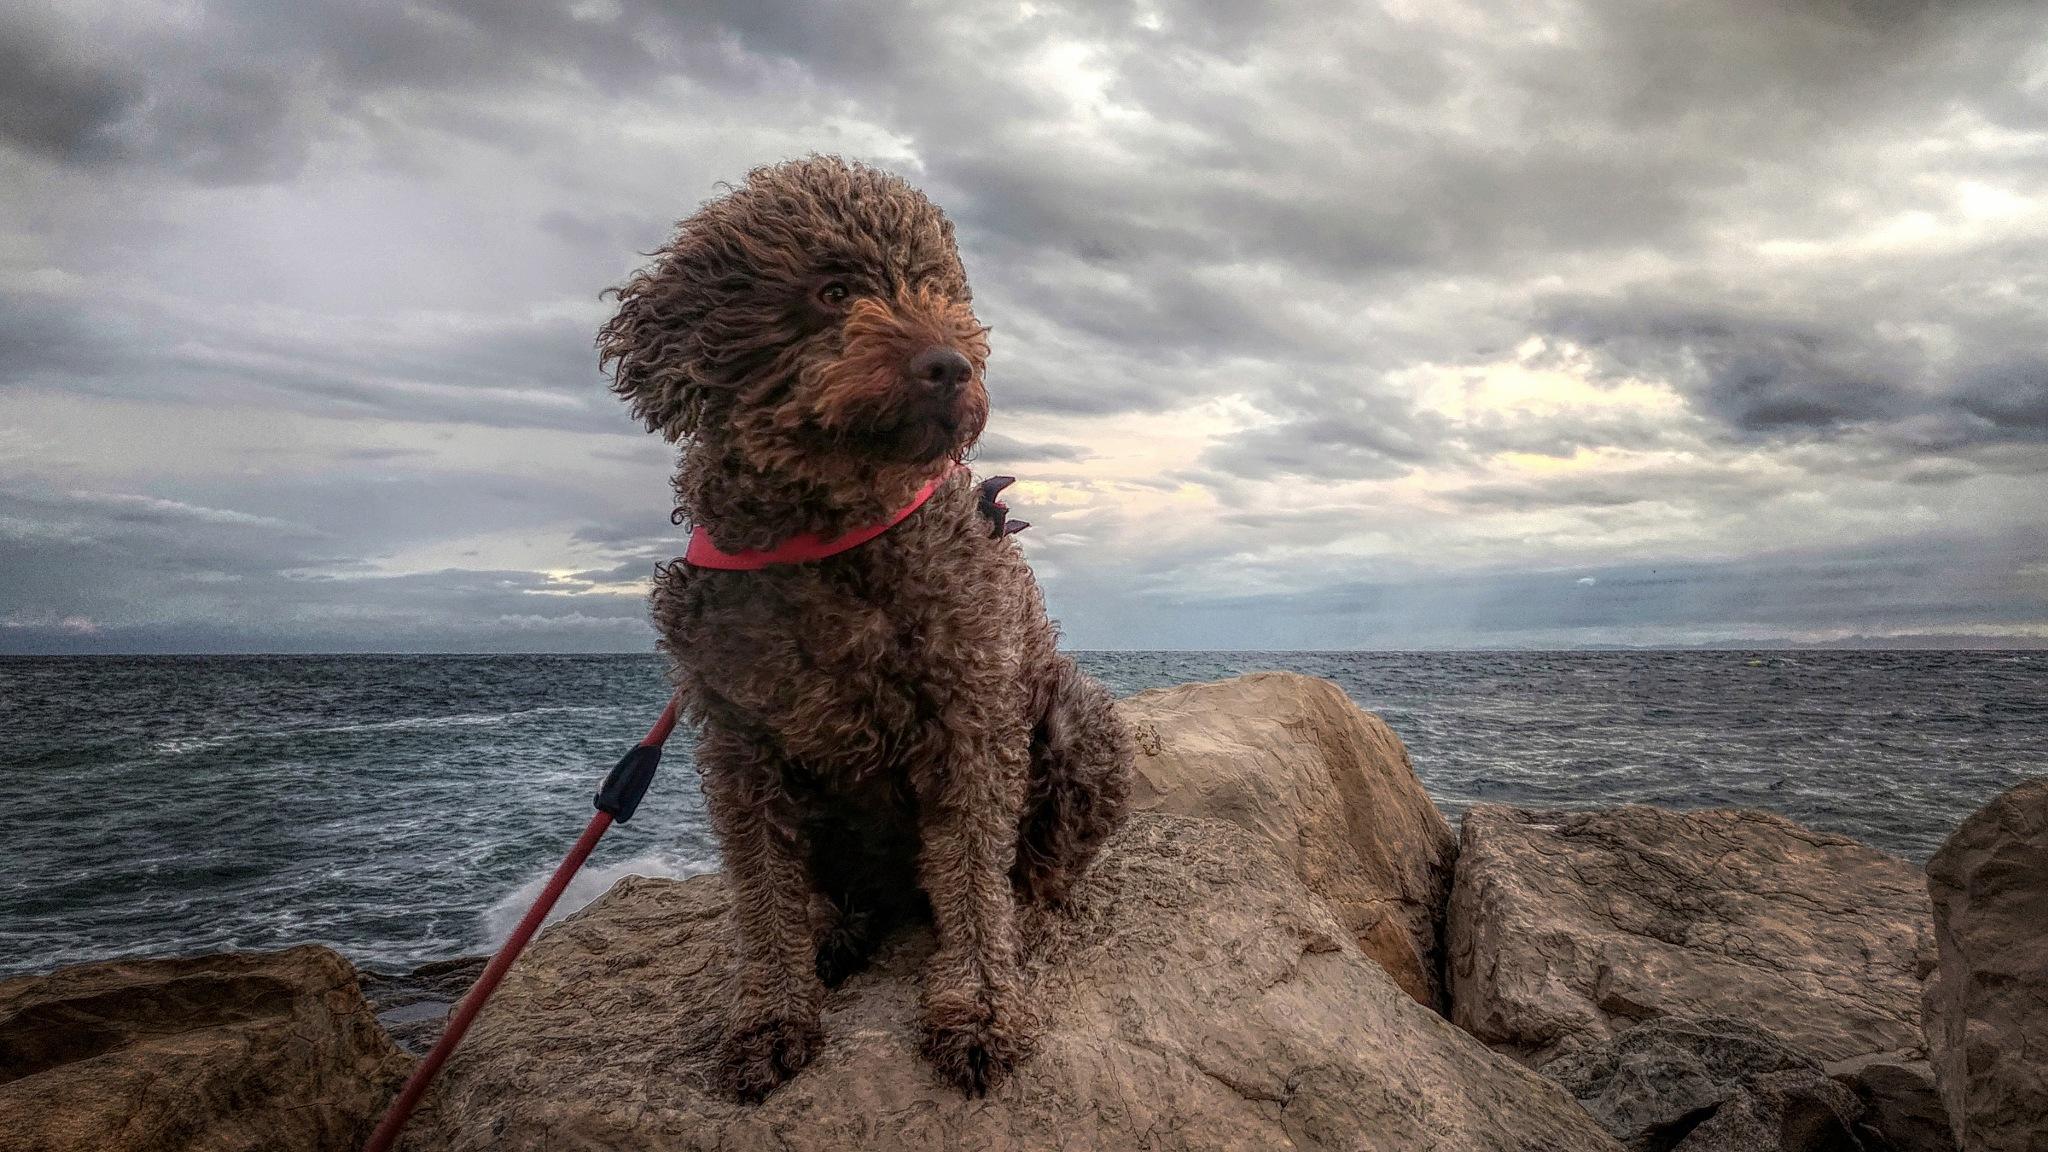 Windy , stormy and rainy by Maja Stein